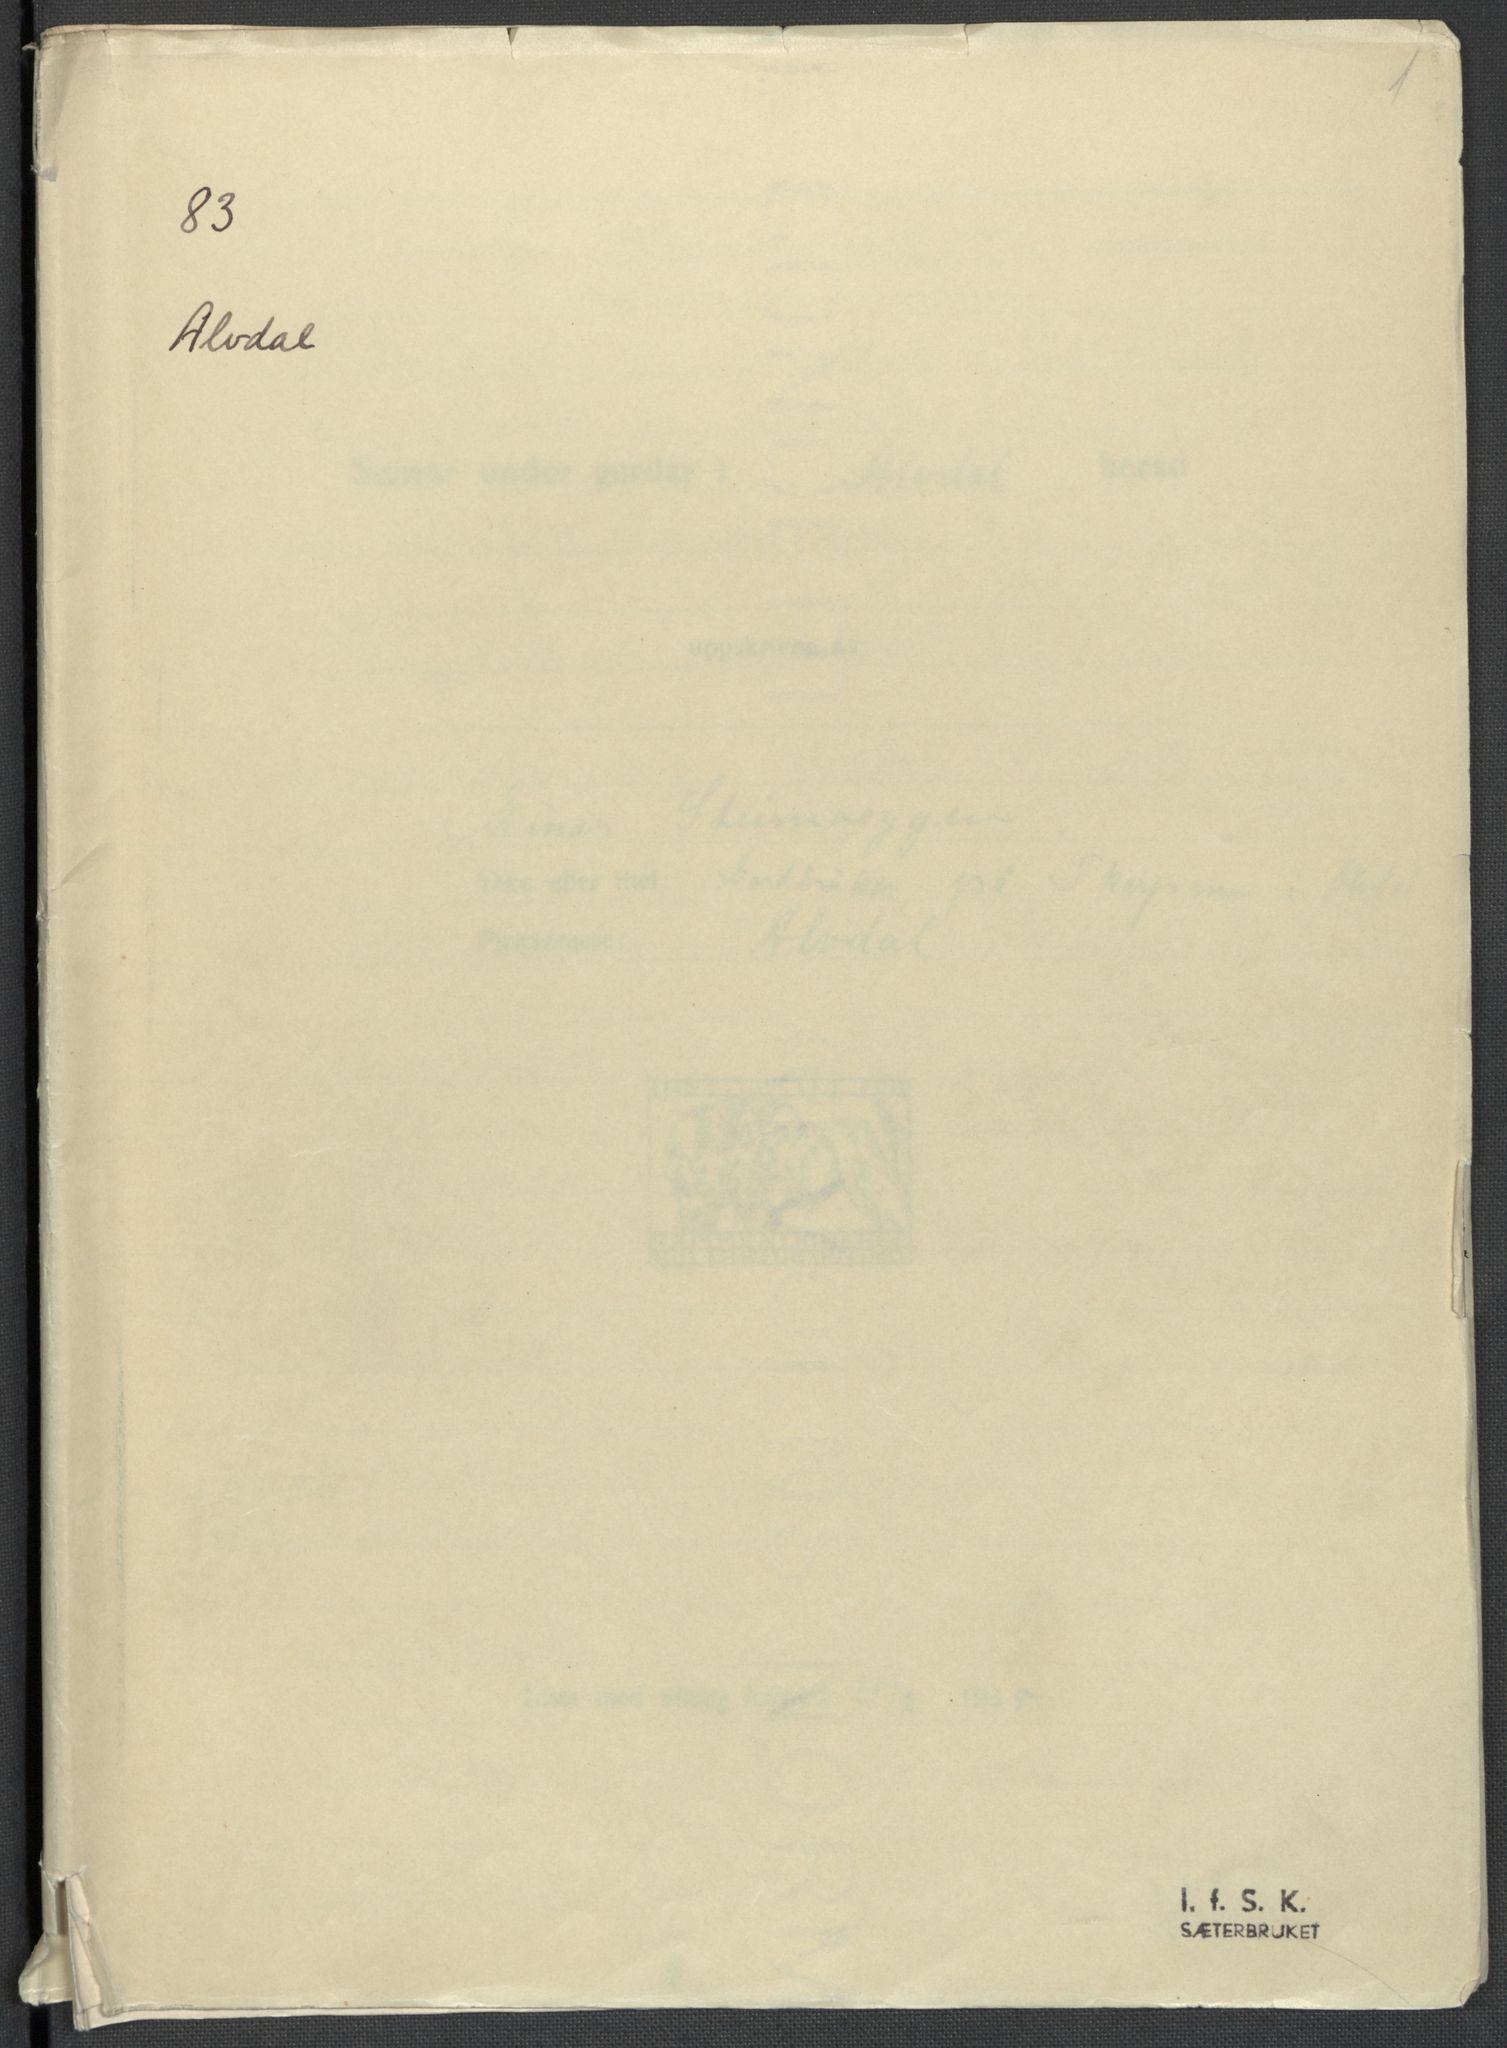 RA, Instituttet for sammenlignende kulturforskning, F/Fc/L0003: Eske B3:, 1933-1939, s. 1